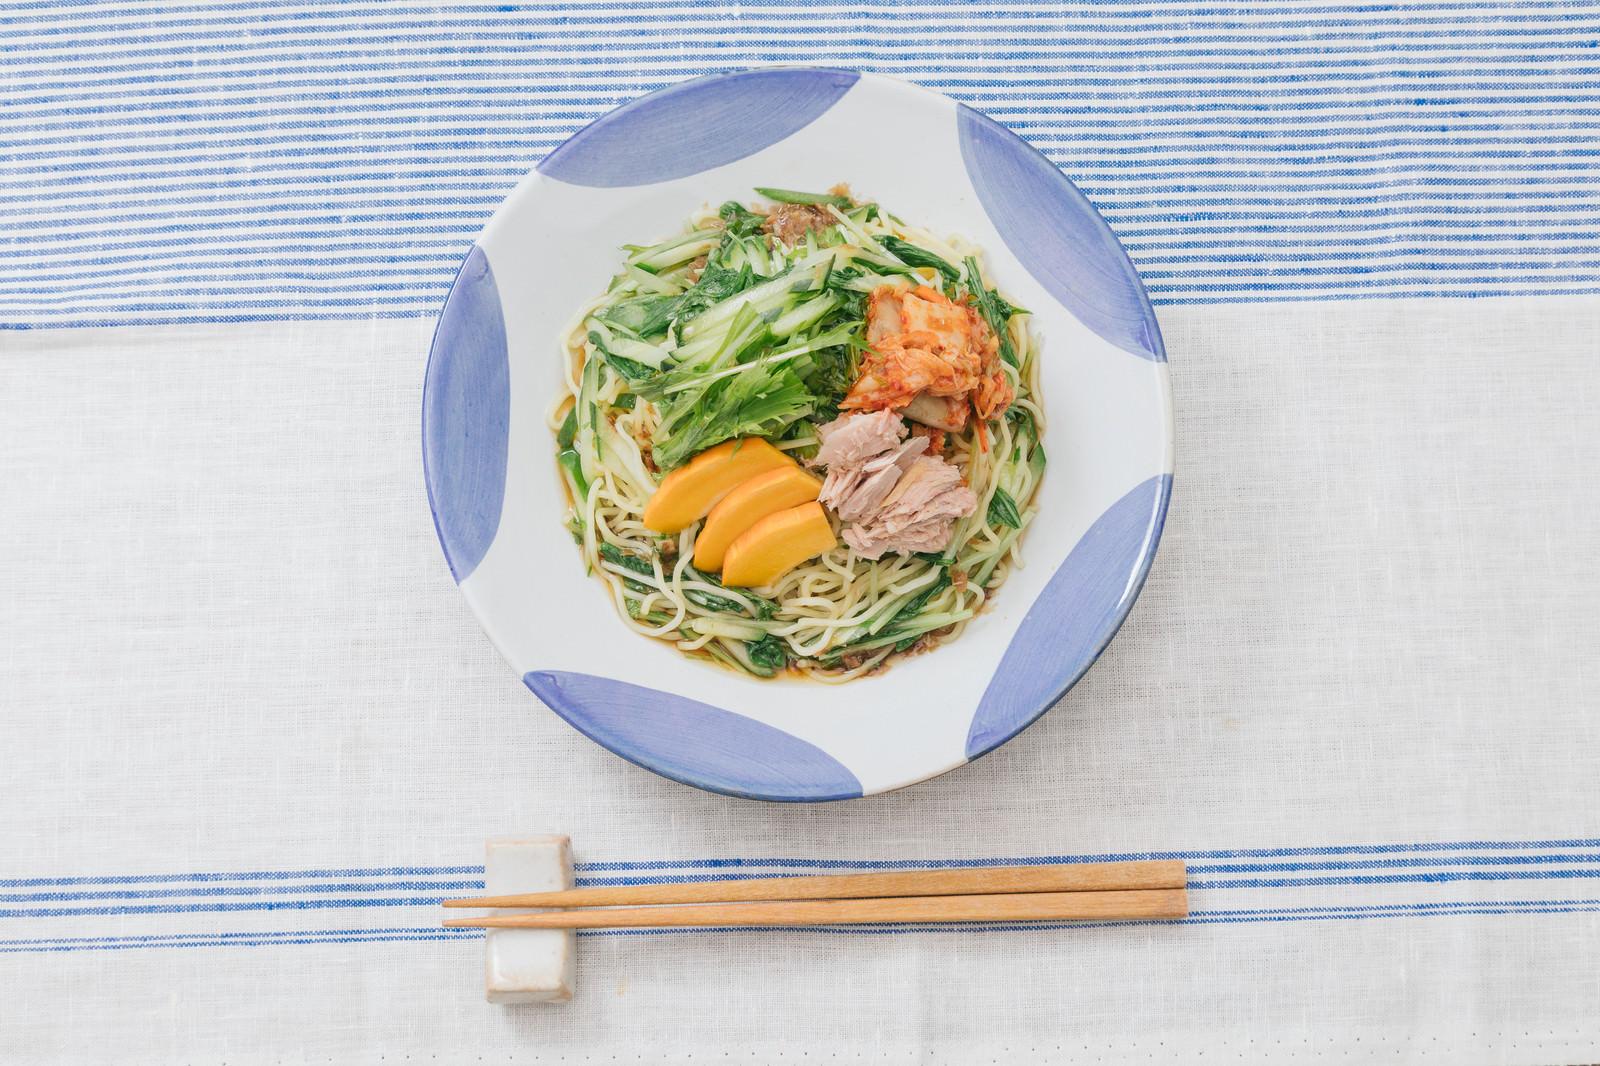 「さっぱりとダシのきいたタレ、大盛り食べても330kcalの冷やし中華」の写真